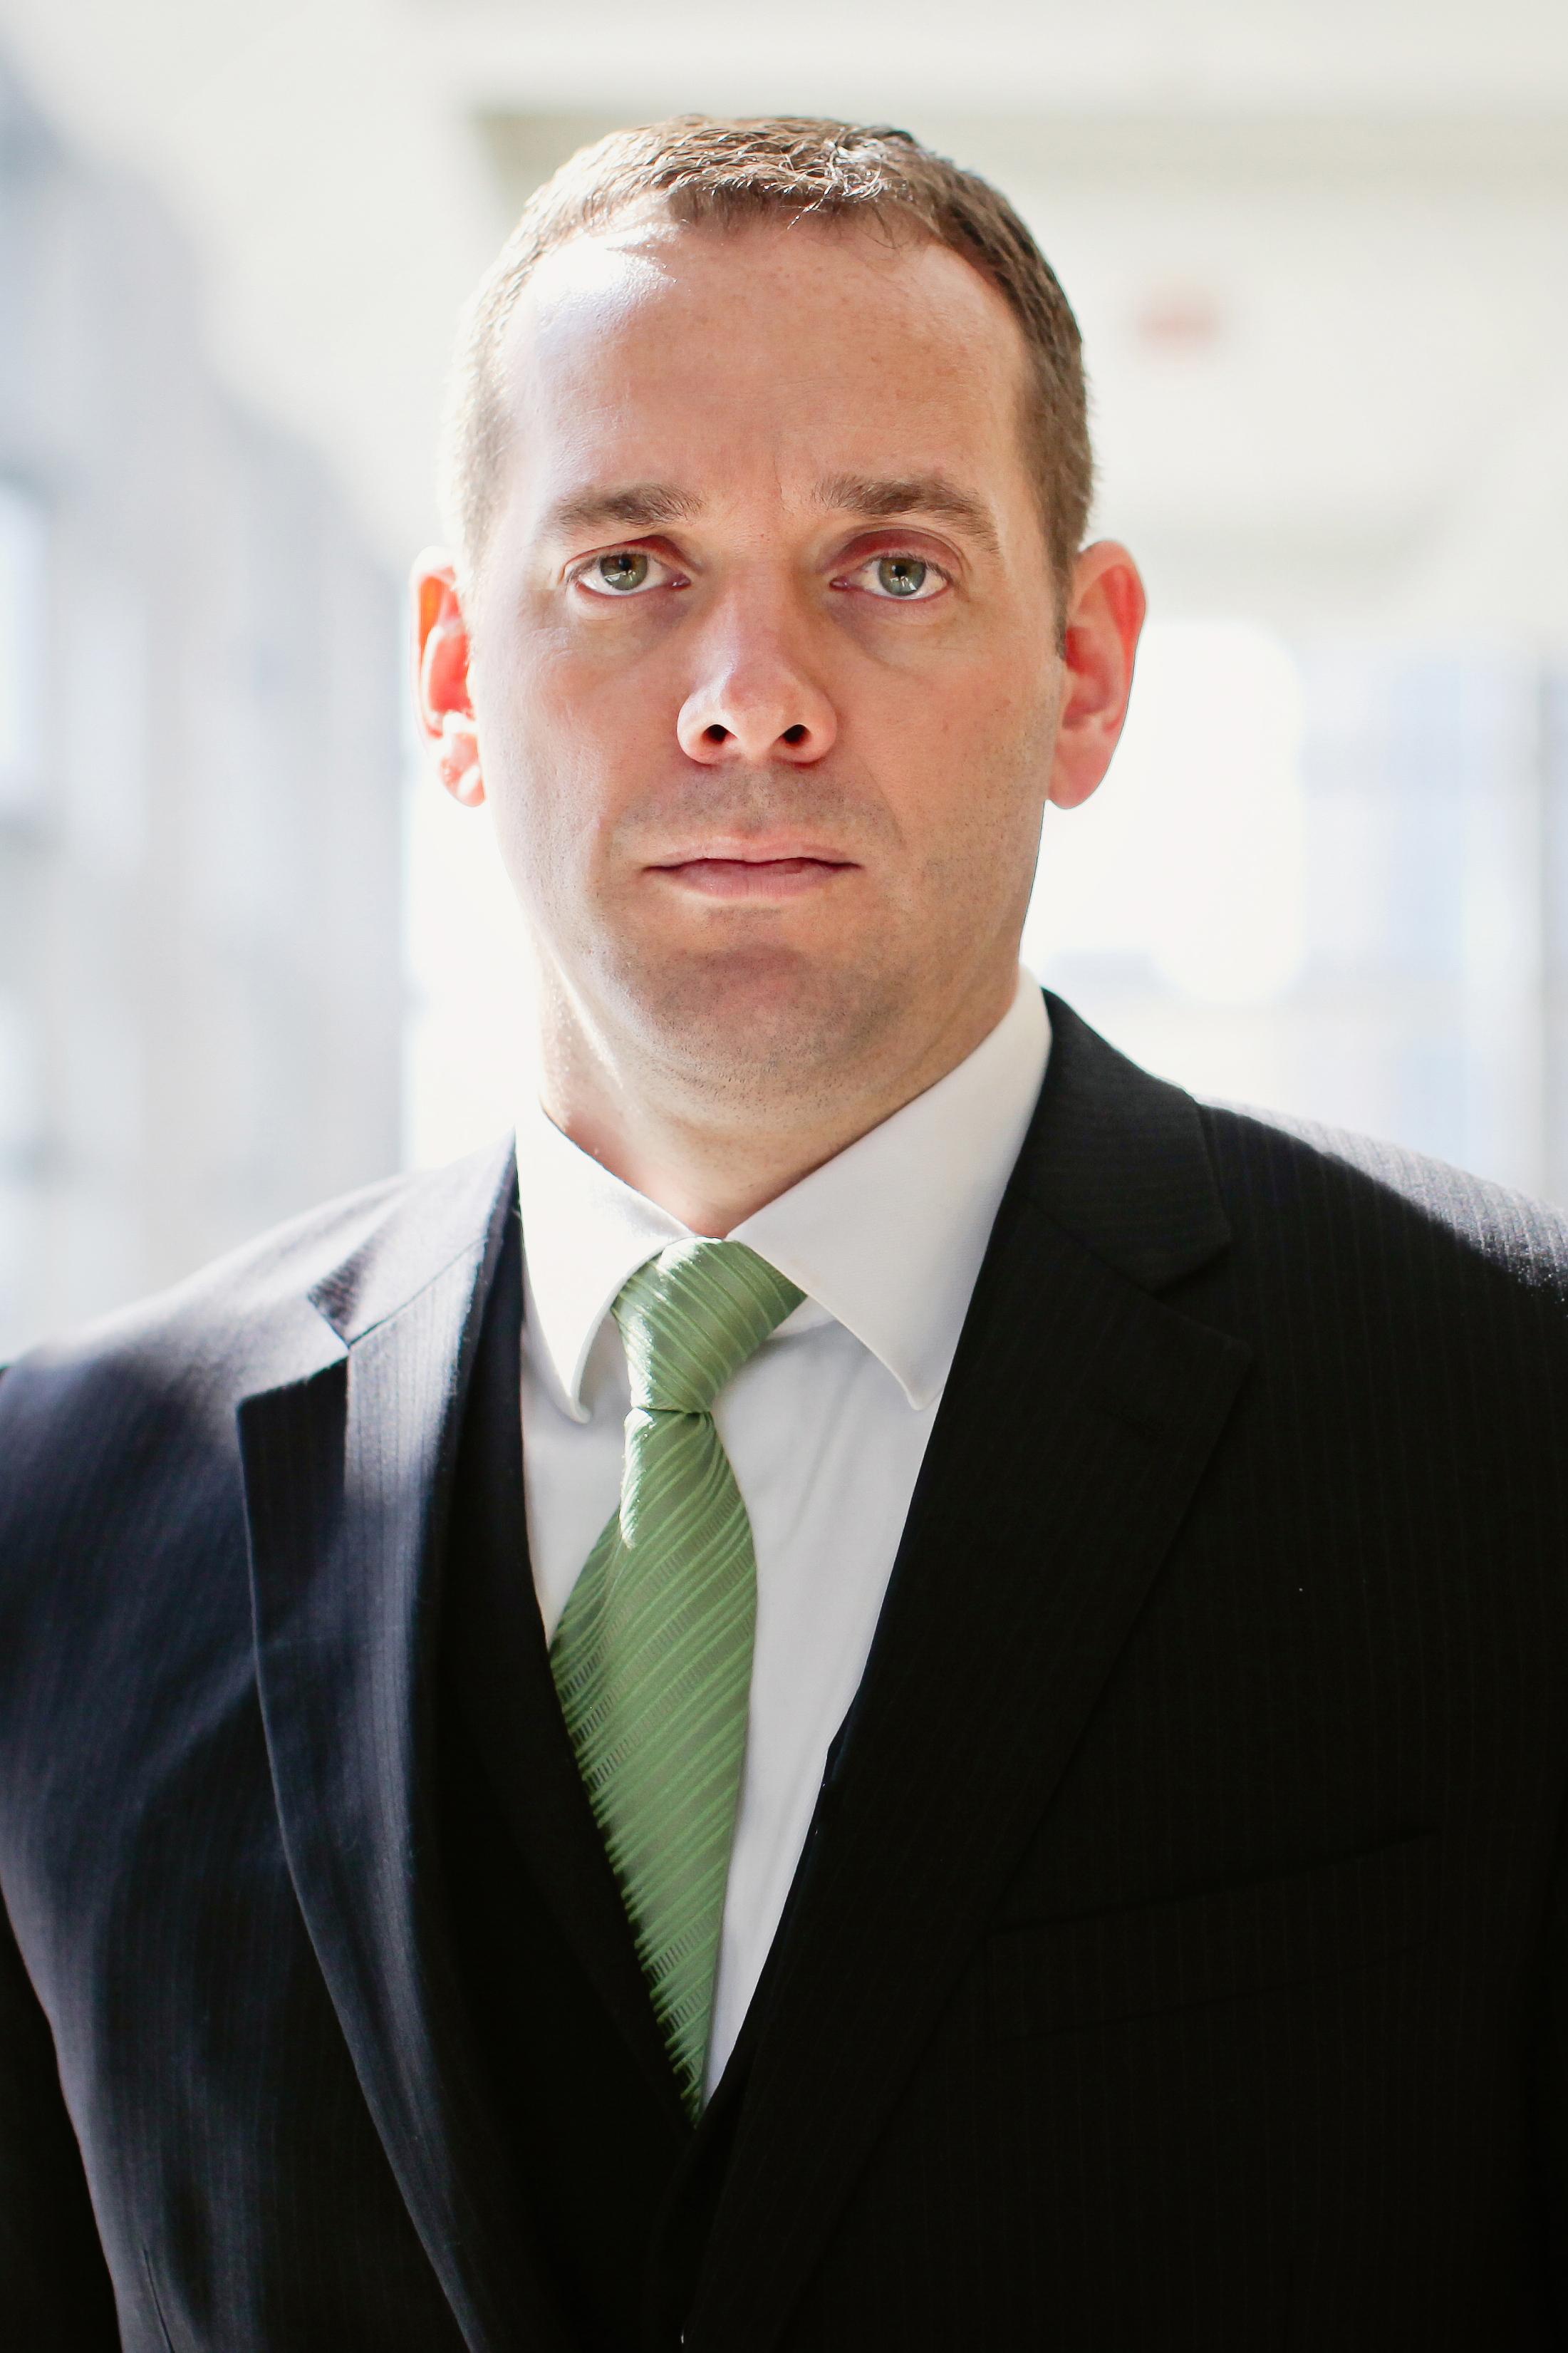 brandon-shroy-ohio-hit-skip-defense-attorney